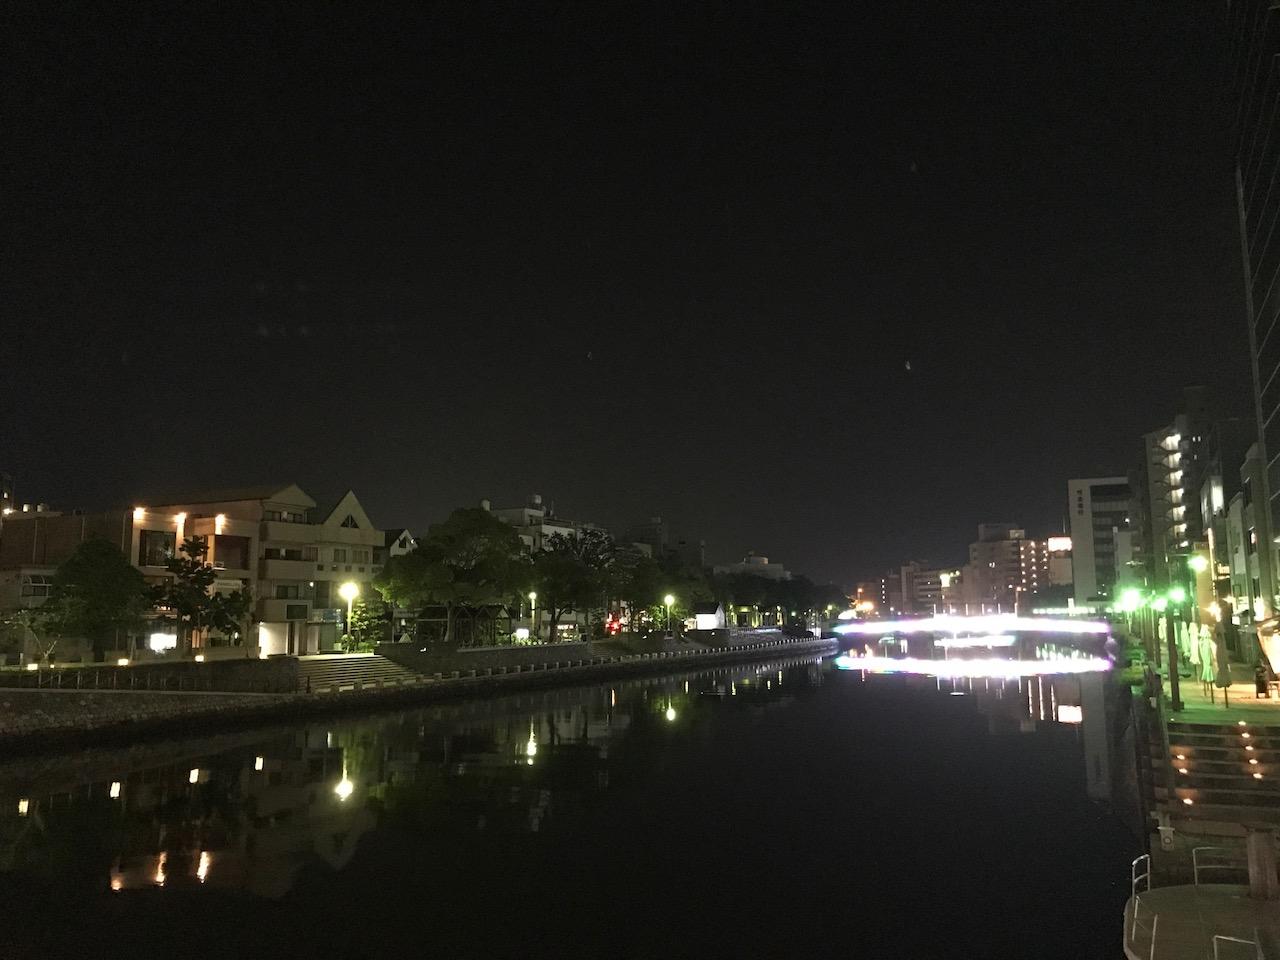 徳島駅前は都会だ!酒と飯のひら井で暴飲暴食!剣山ホテルで泊まる!